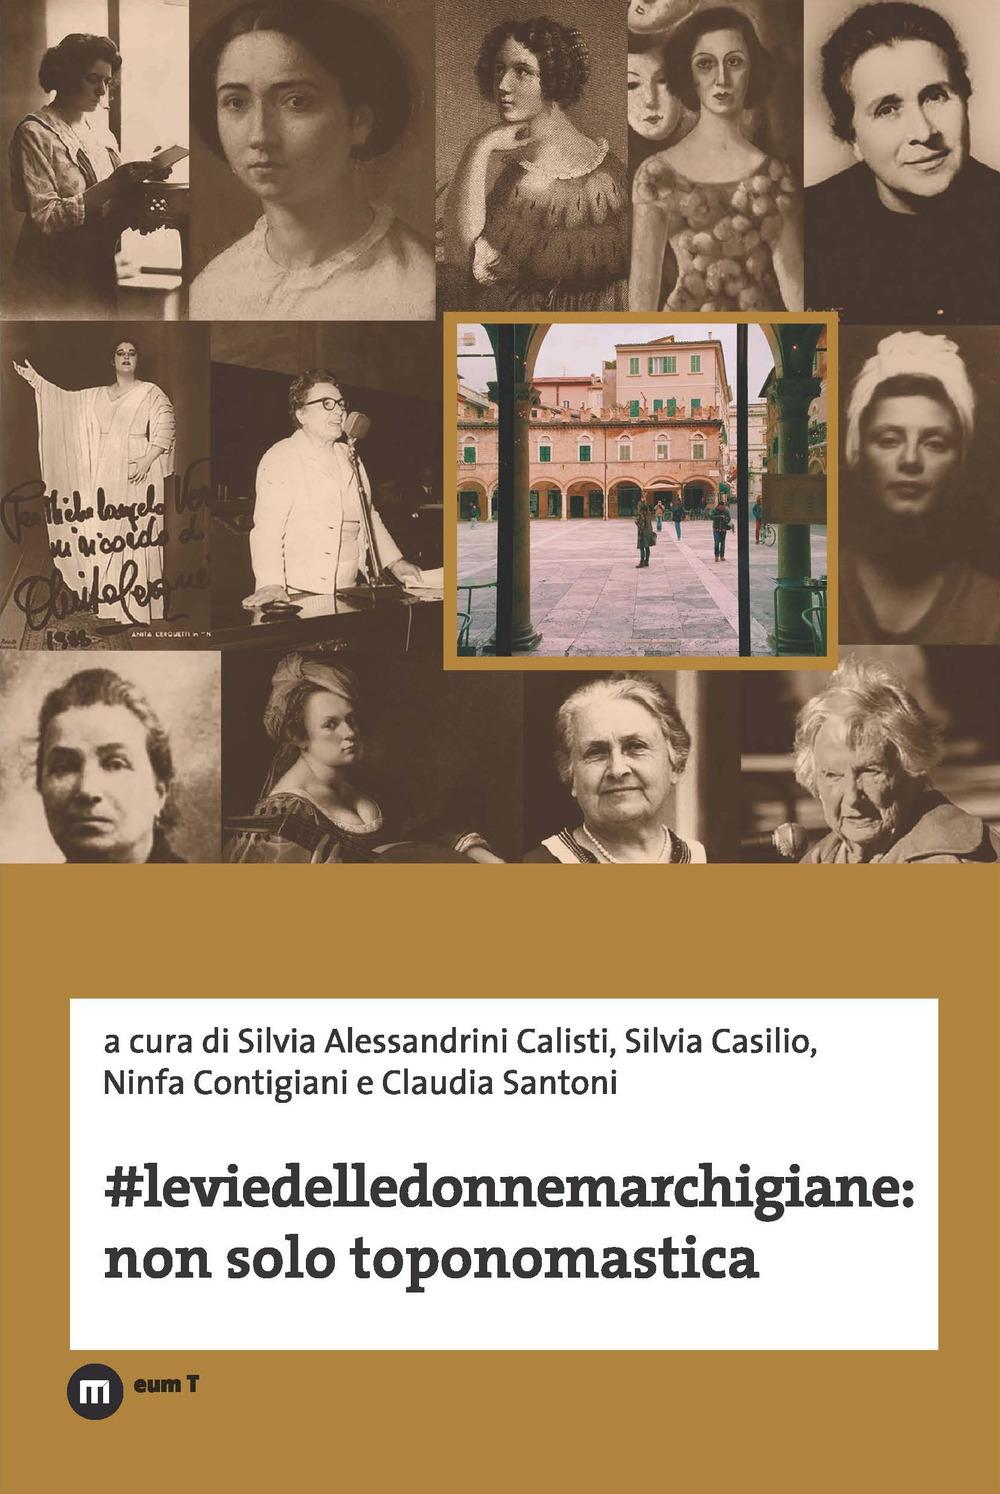 #Leviedelledonnemarchigiane: non solo toponomastica